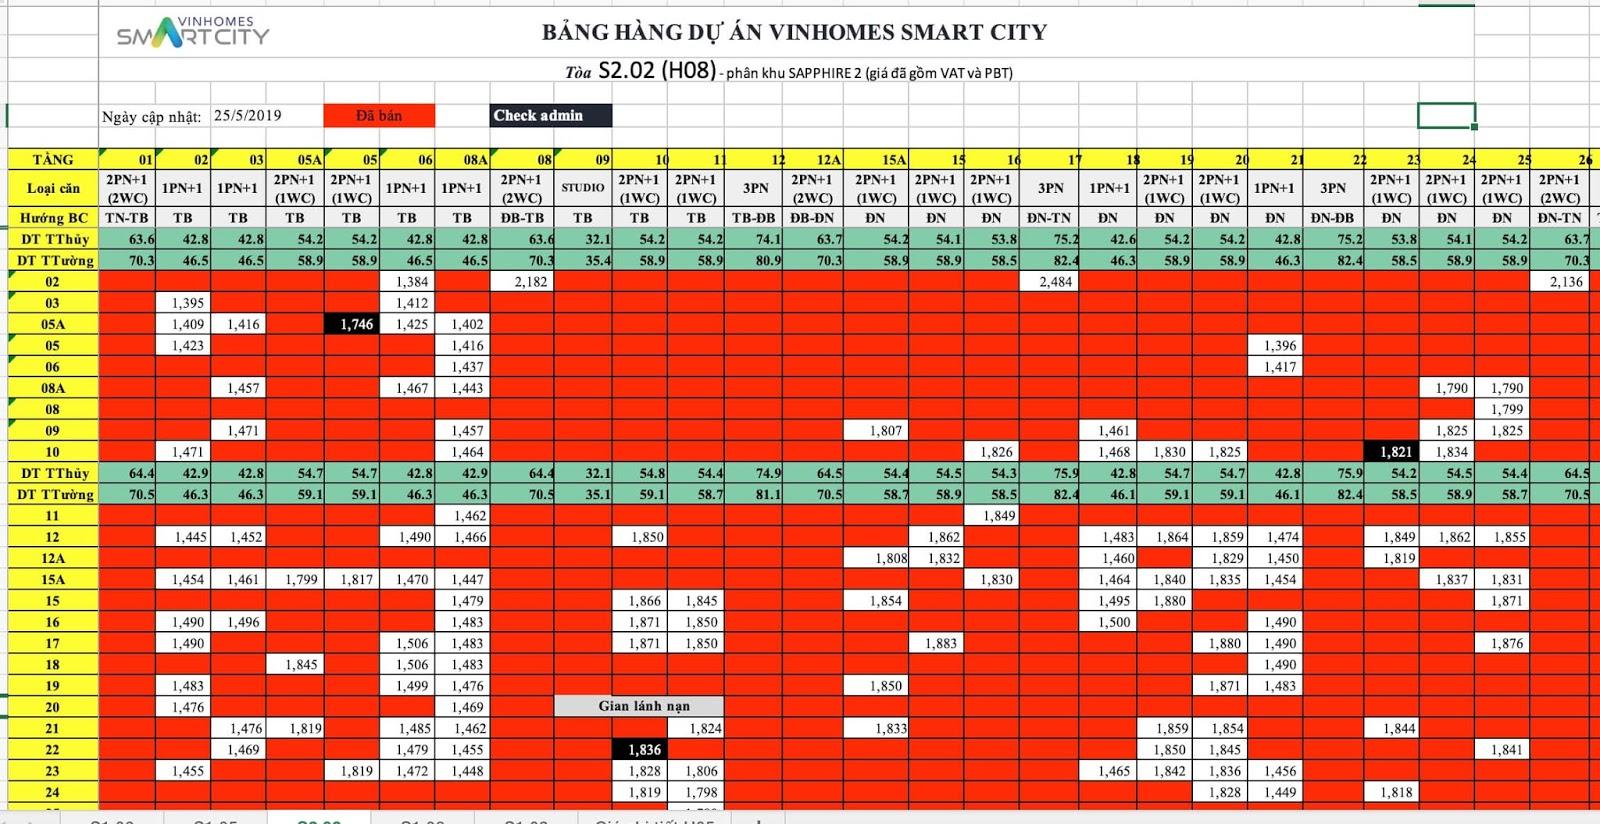 Bảng hàng toà S2-02 dự án Vinhomes Smart City Tây Mỗ